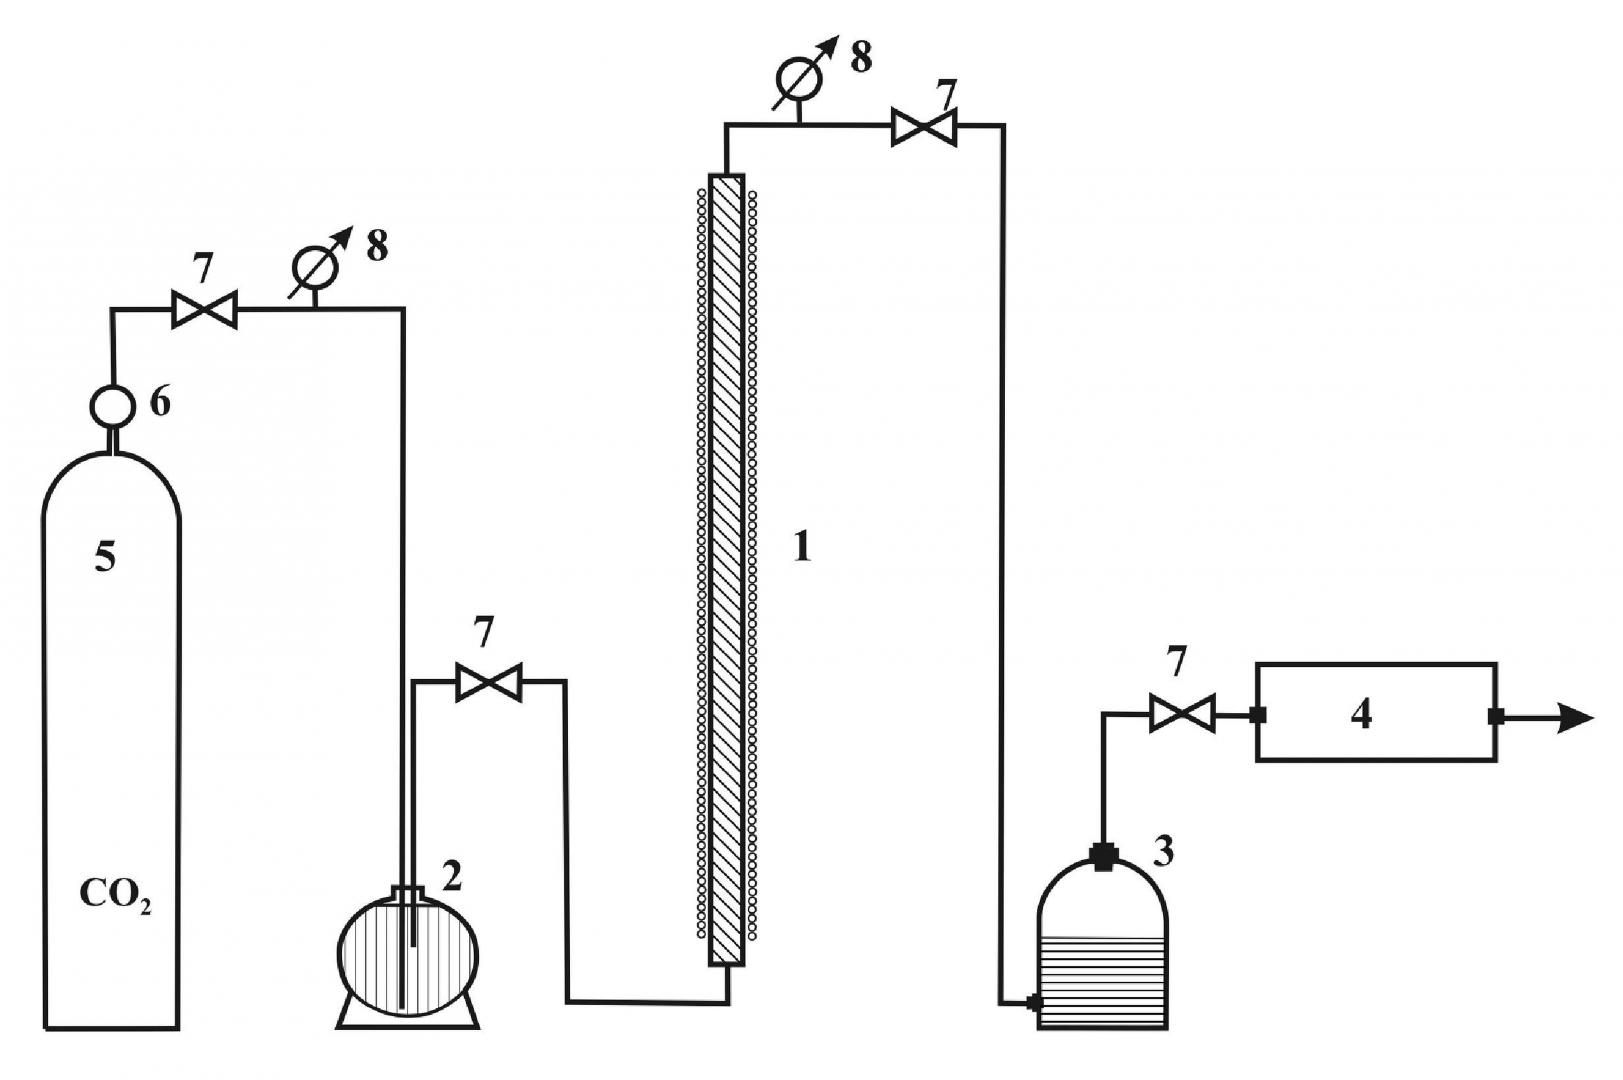 Рис. 9. Принципиальная блок-схема лабораторной установки